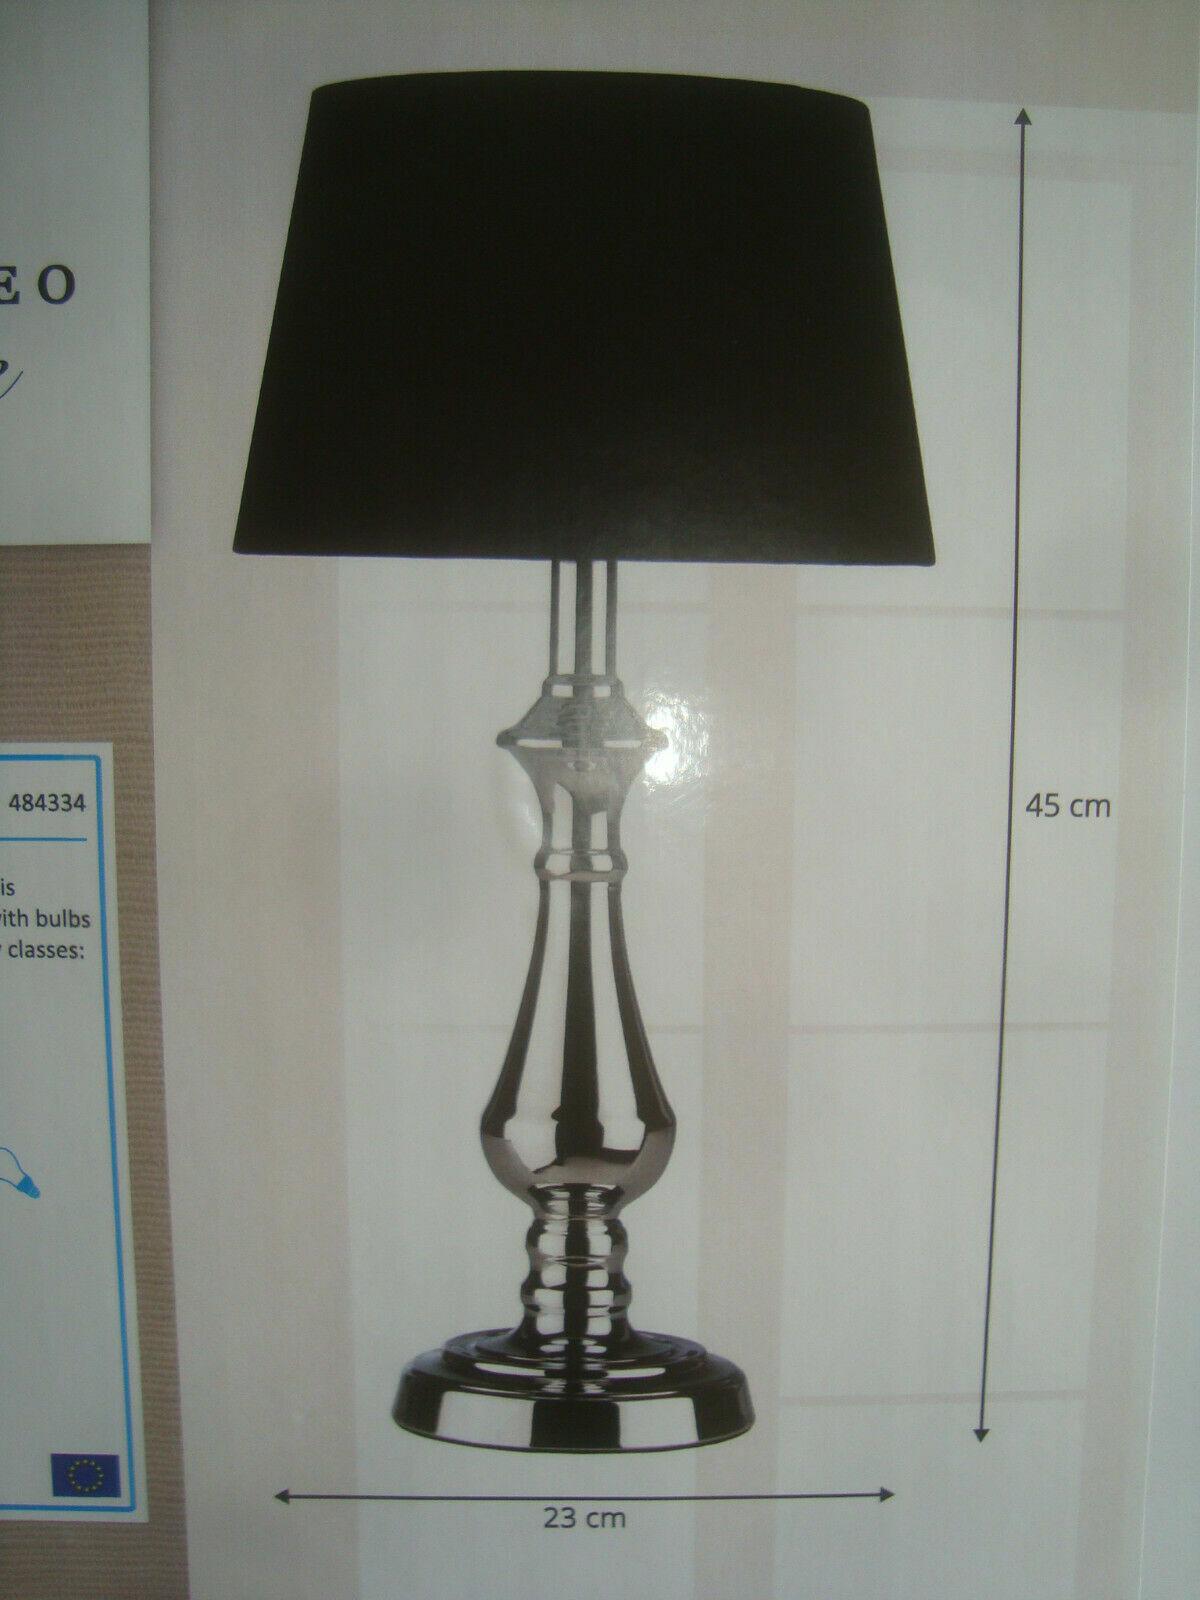 Lumineo Lampe weiß schwarz Leuchte Tischlampe Nachtlampe Stehlampe 45 cm NEU